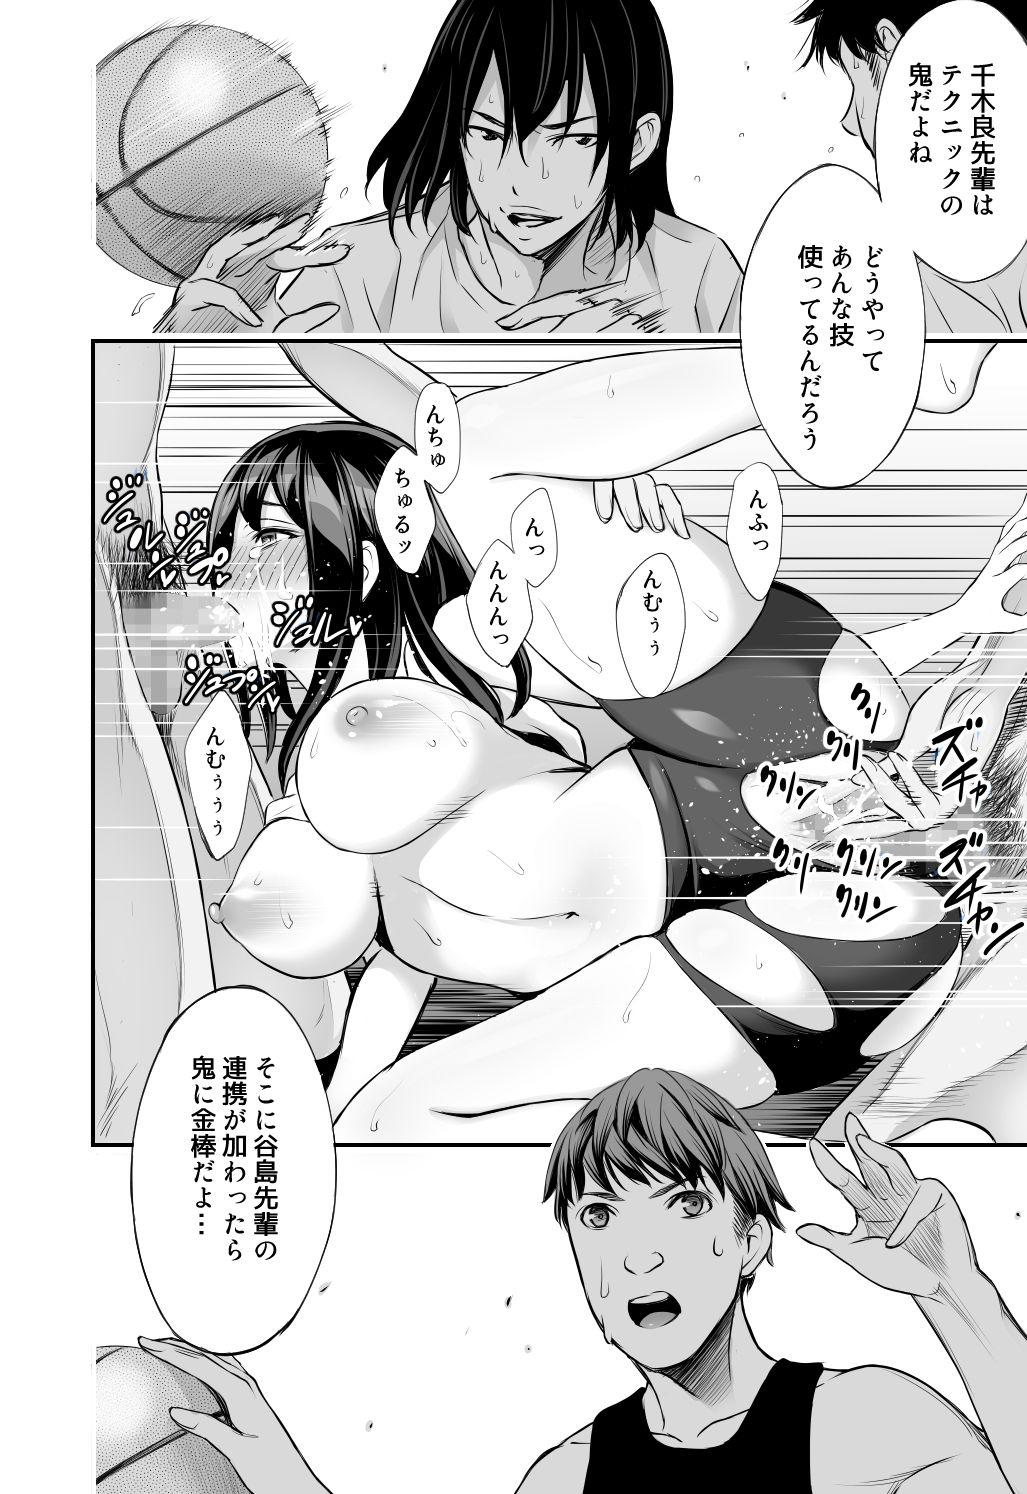 Futari no Yakusoku 34